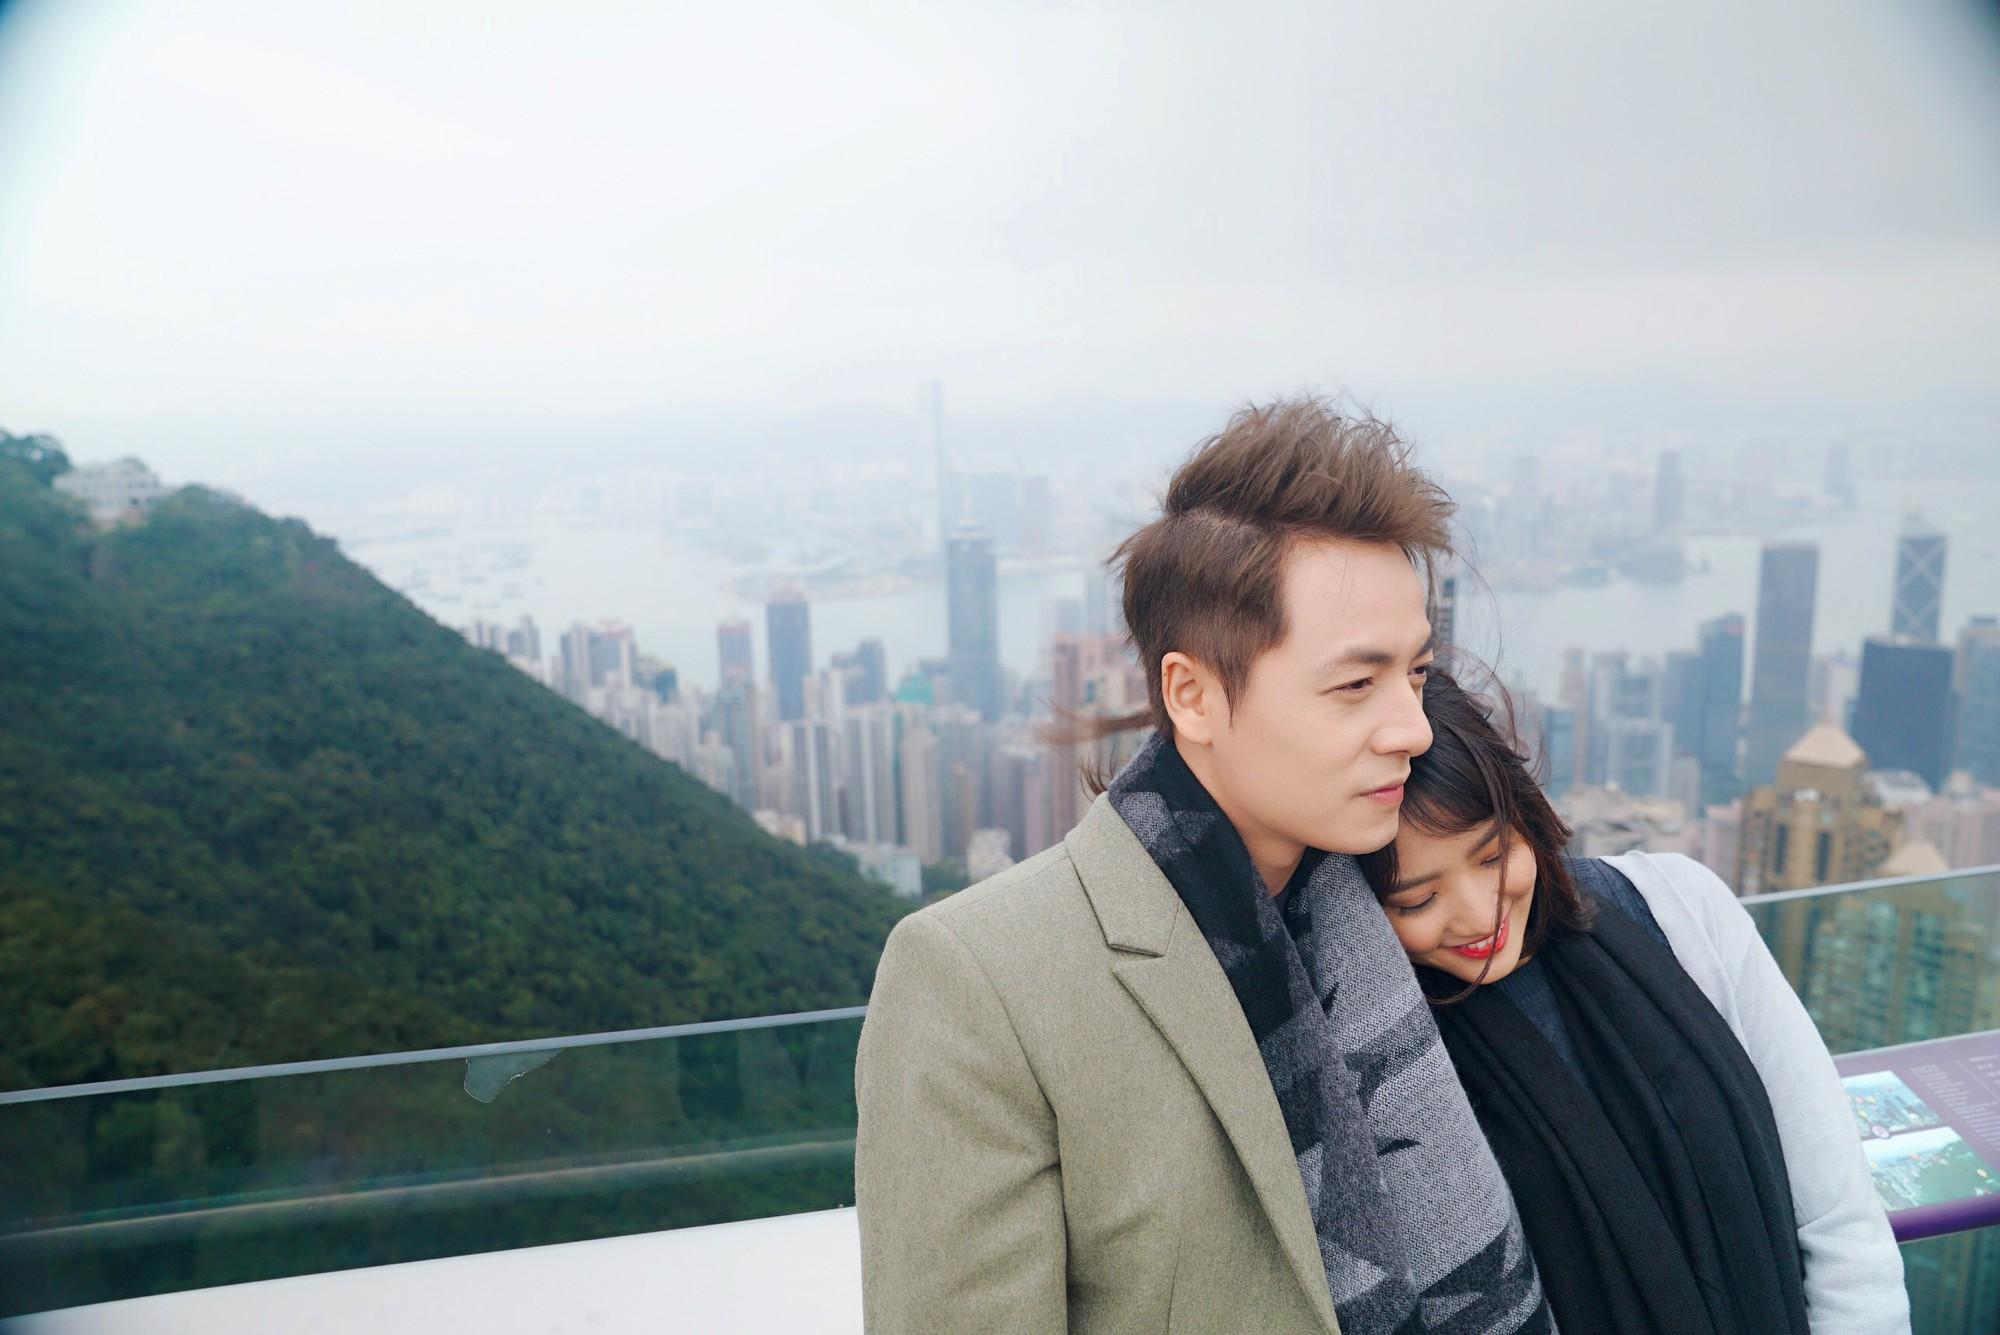 Đăng Khôi cùng em gái mưa Thanh Vy kể chuyện tình đúng người, sai thời điểm trong MV mới - Ảnh 4.